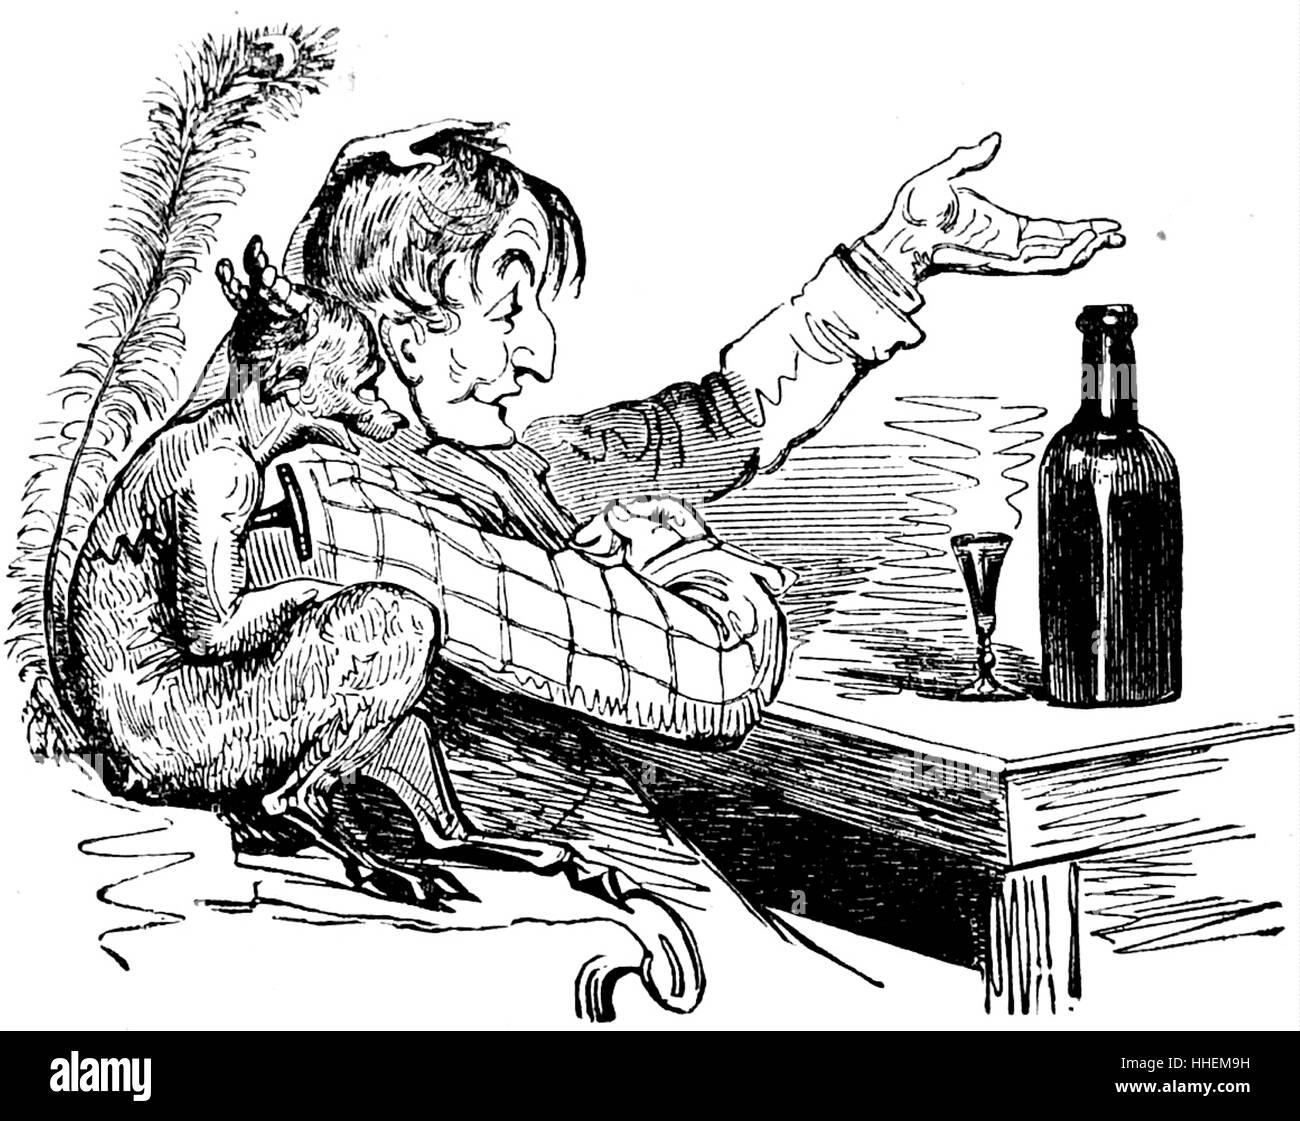 Comic-Darstellung eines Mannes trinken Gin mit einem Dämon. Vom 19. Jahrhundert Stockbild